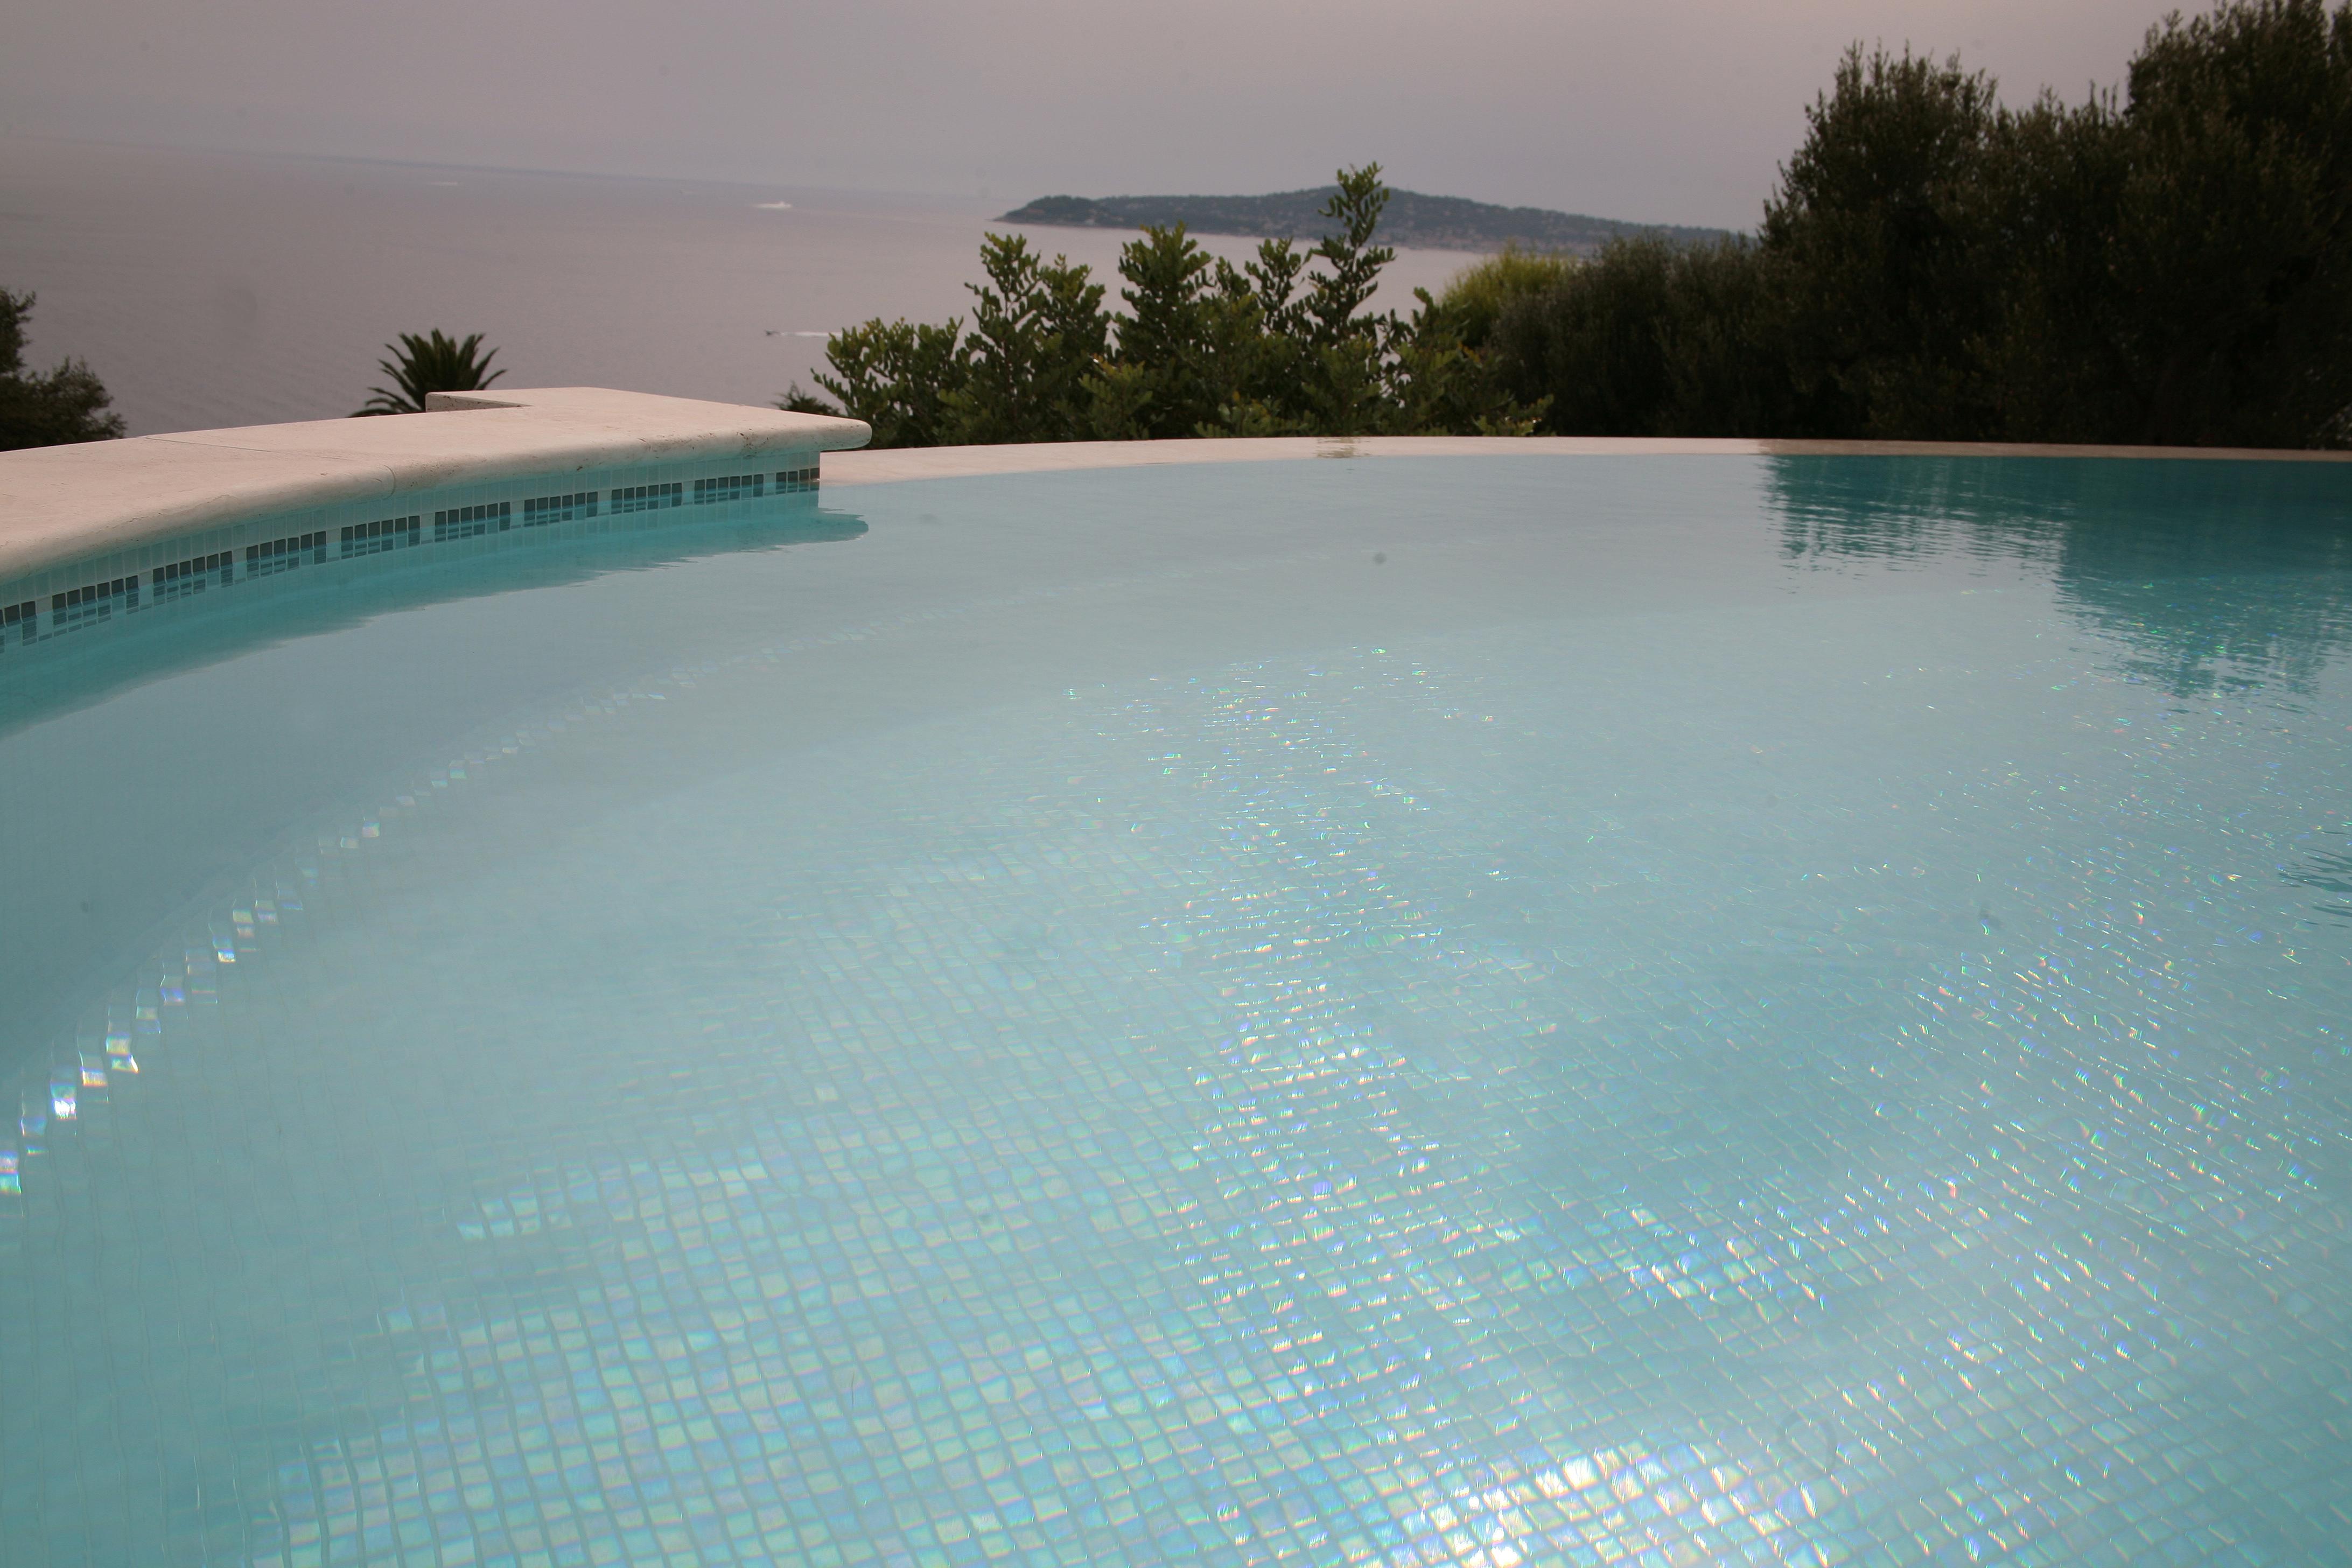 L 39 entretien de votre piscine nice 06 cannes antibes Piscine entretien